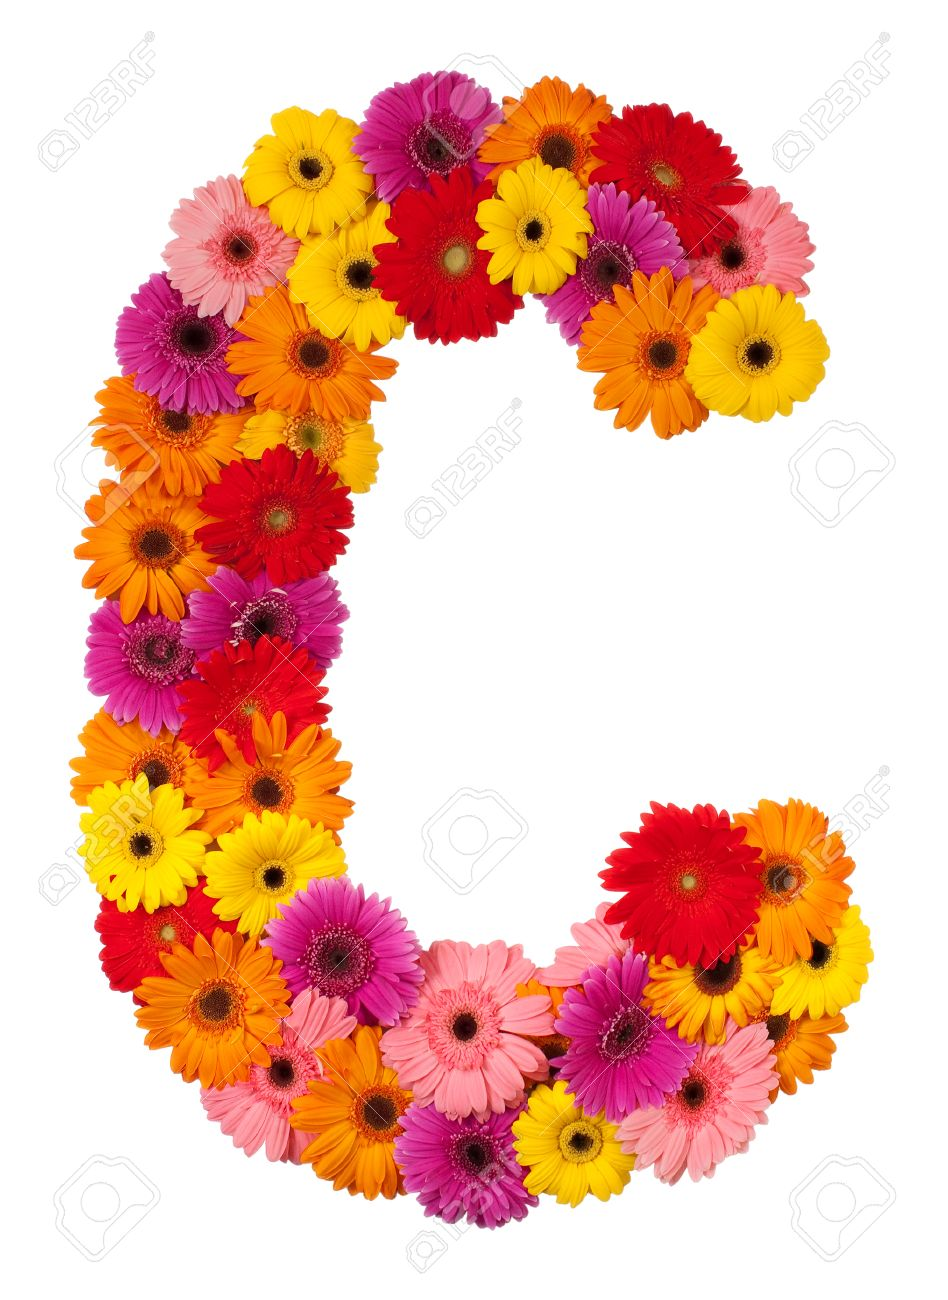 Цветы на букву н фото